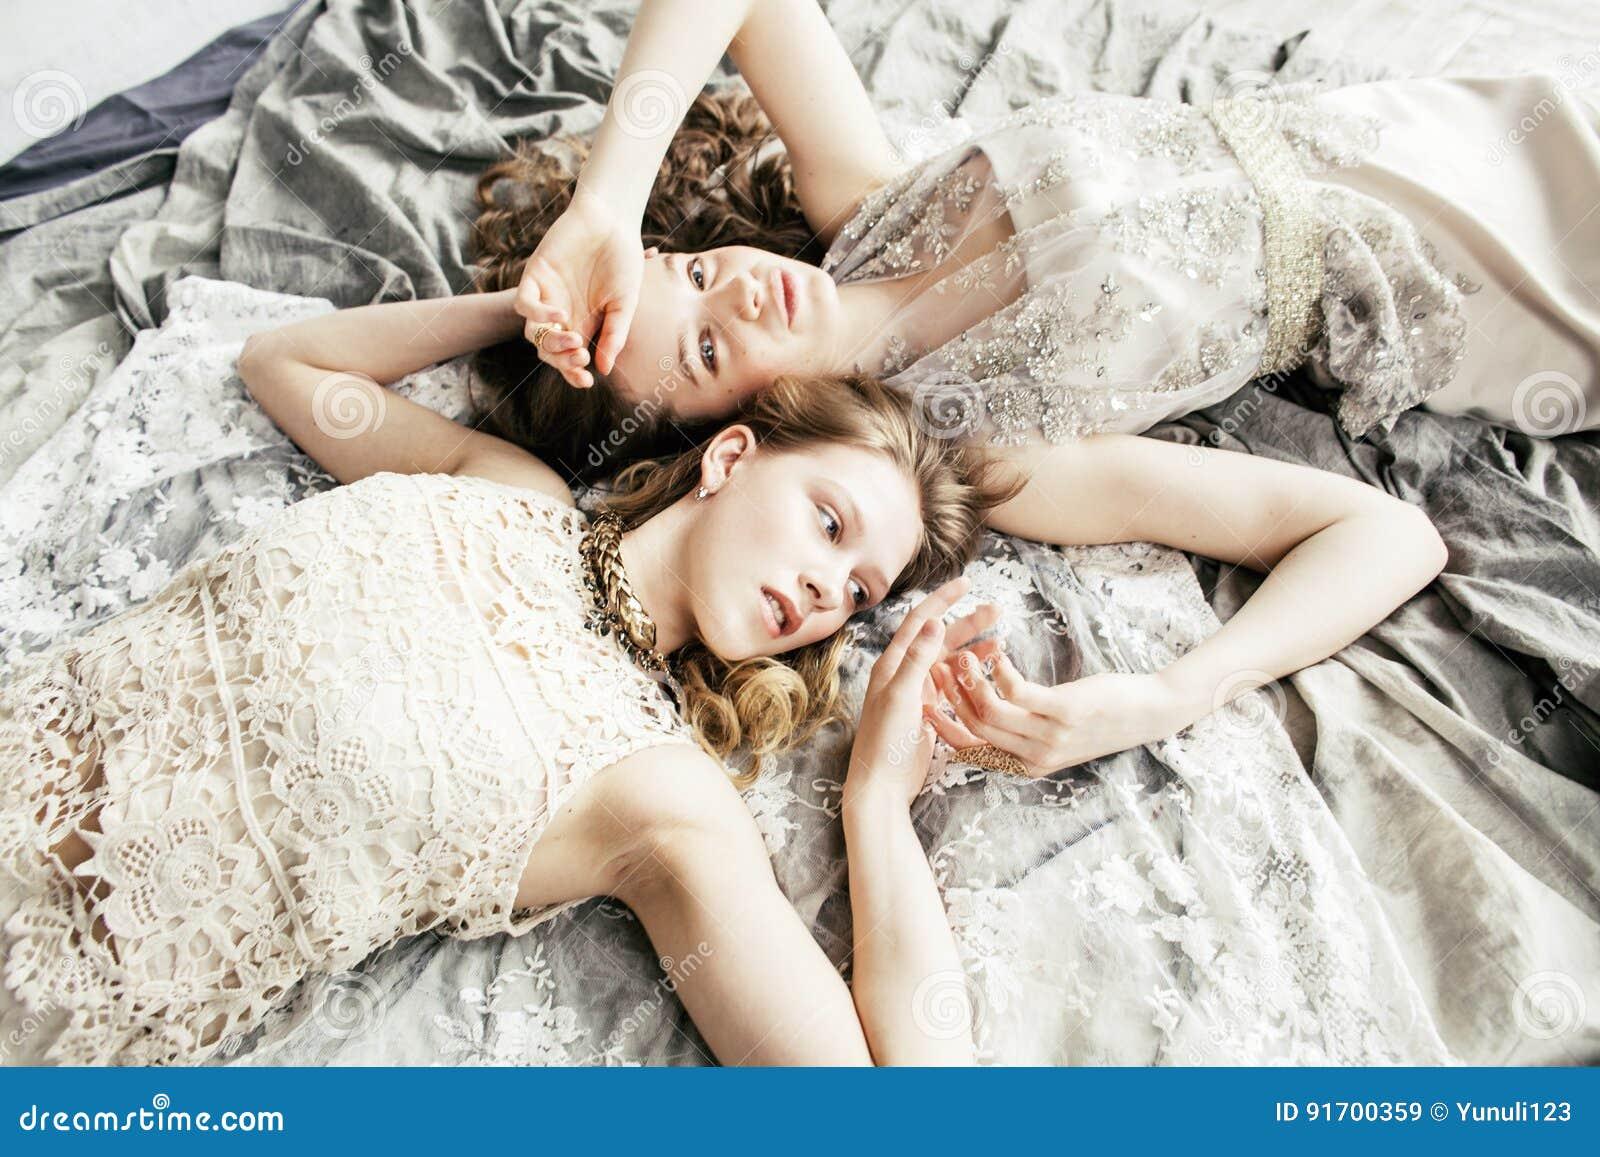 Blond lockig frisyrflicka för nätt tvilling- syster två i lyxig husinre tillsammans, rikt ungdomarbegrepp